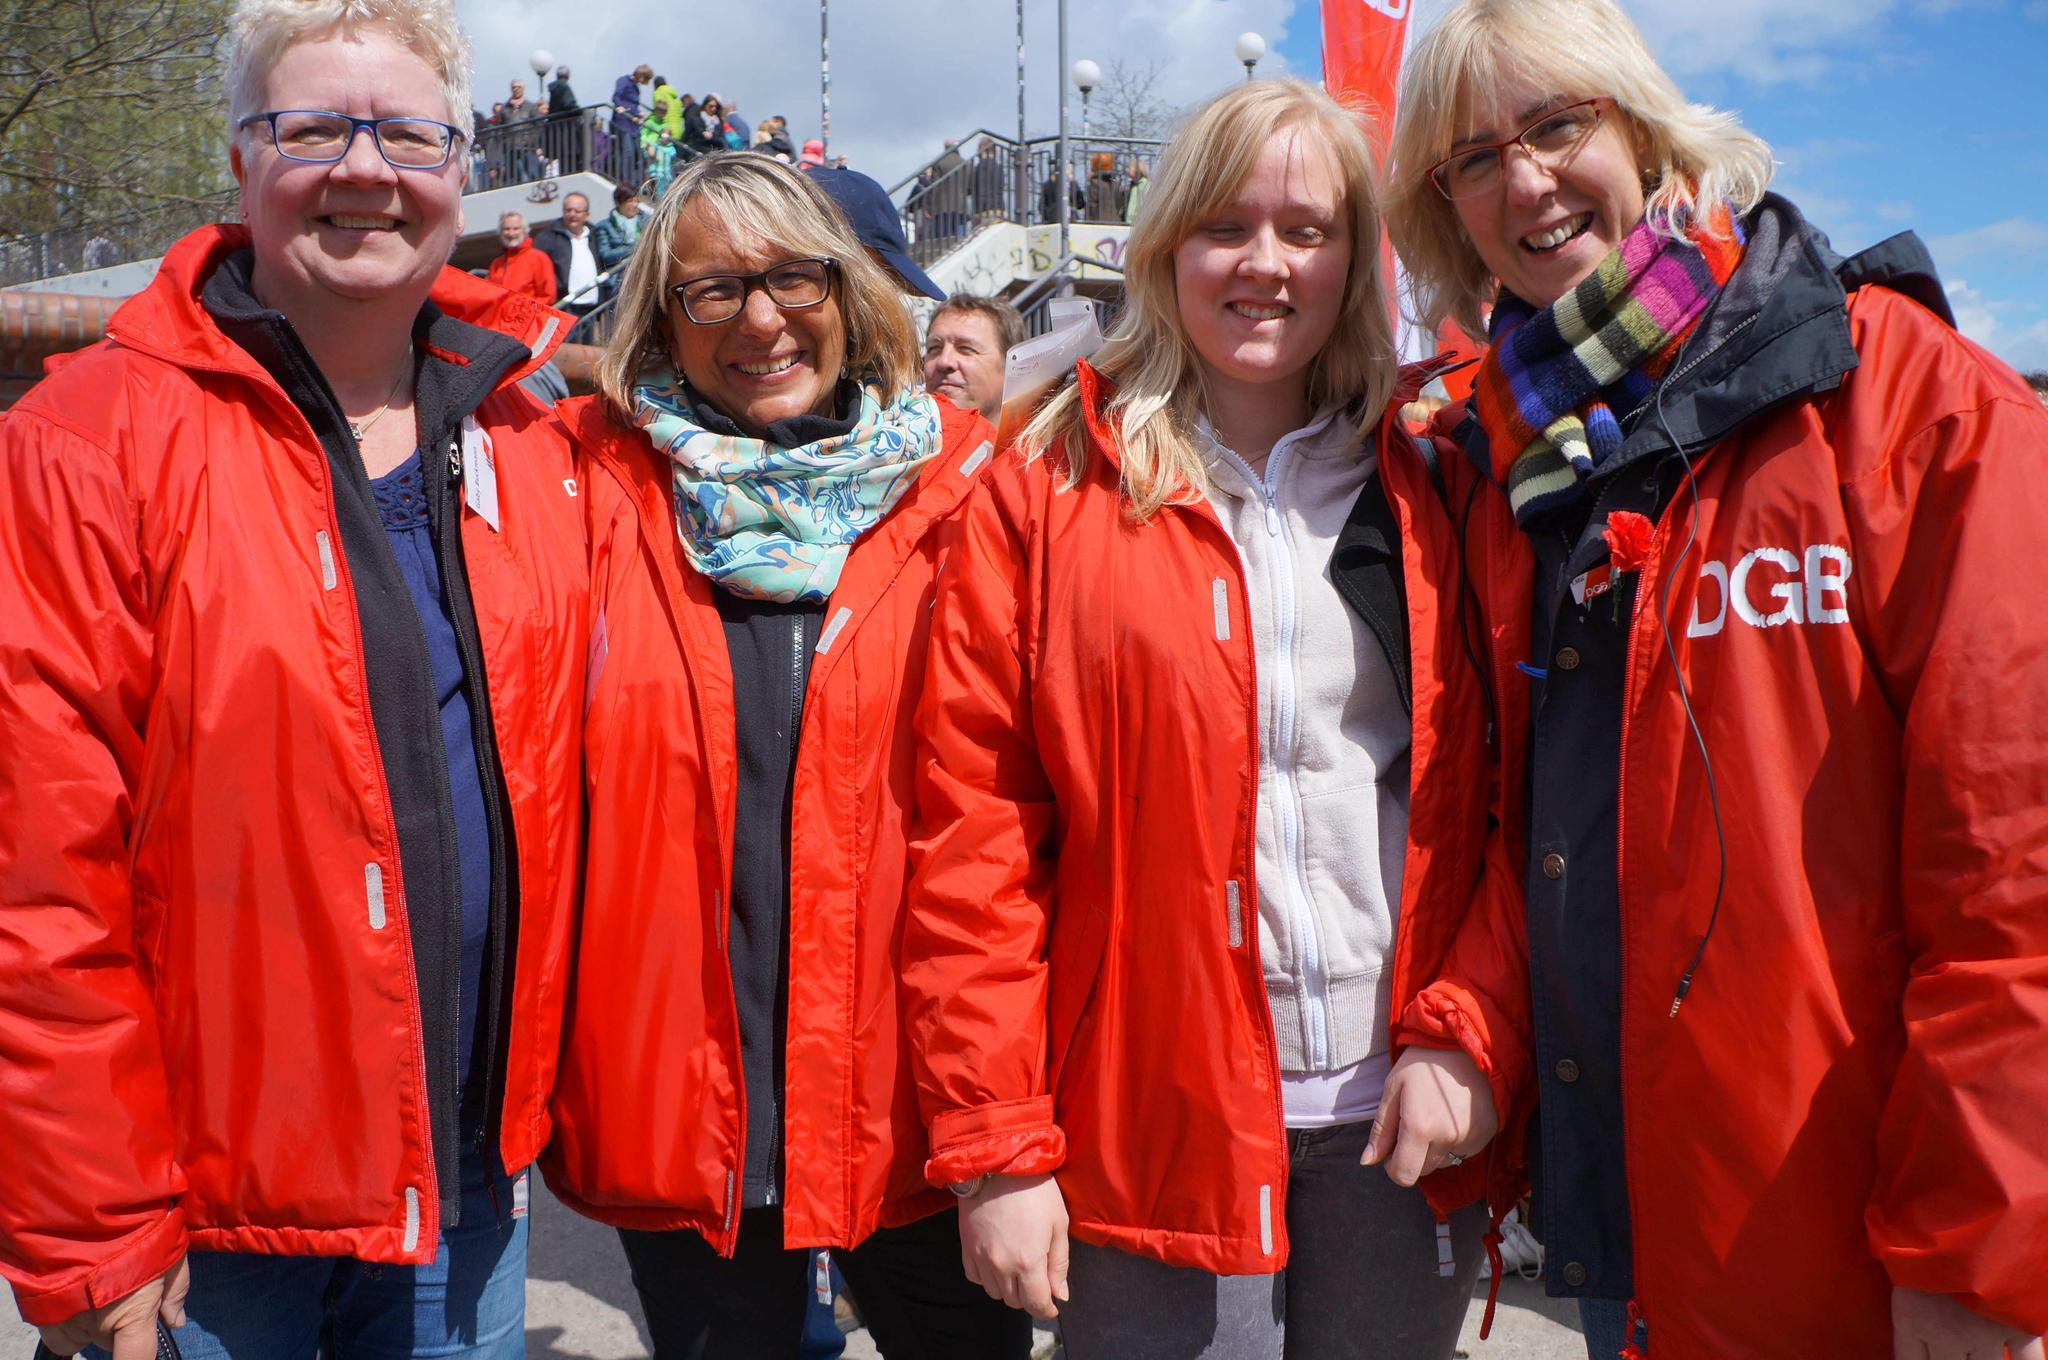 Das DGB-Team ganz in rot